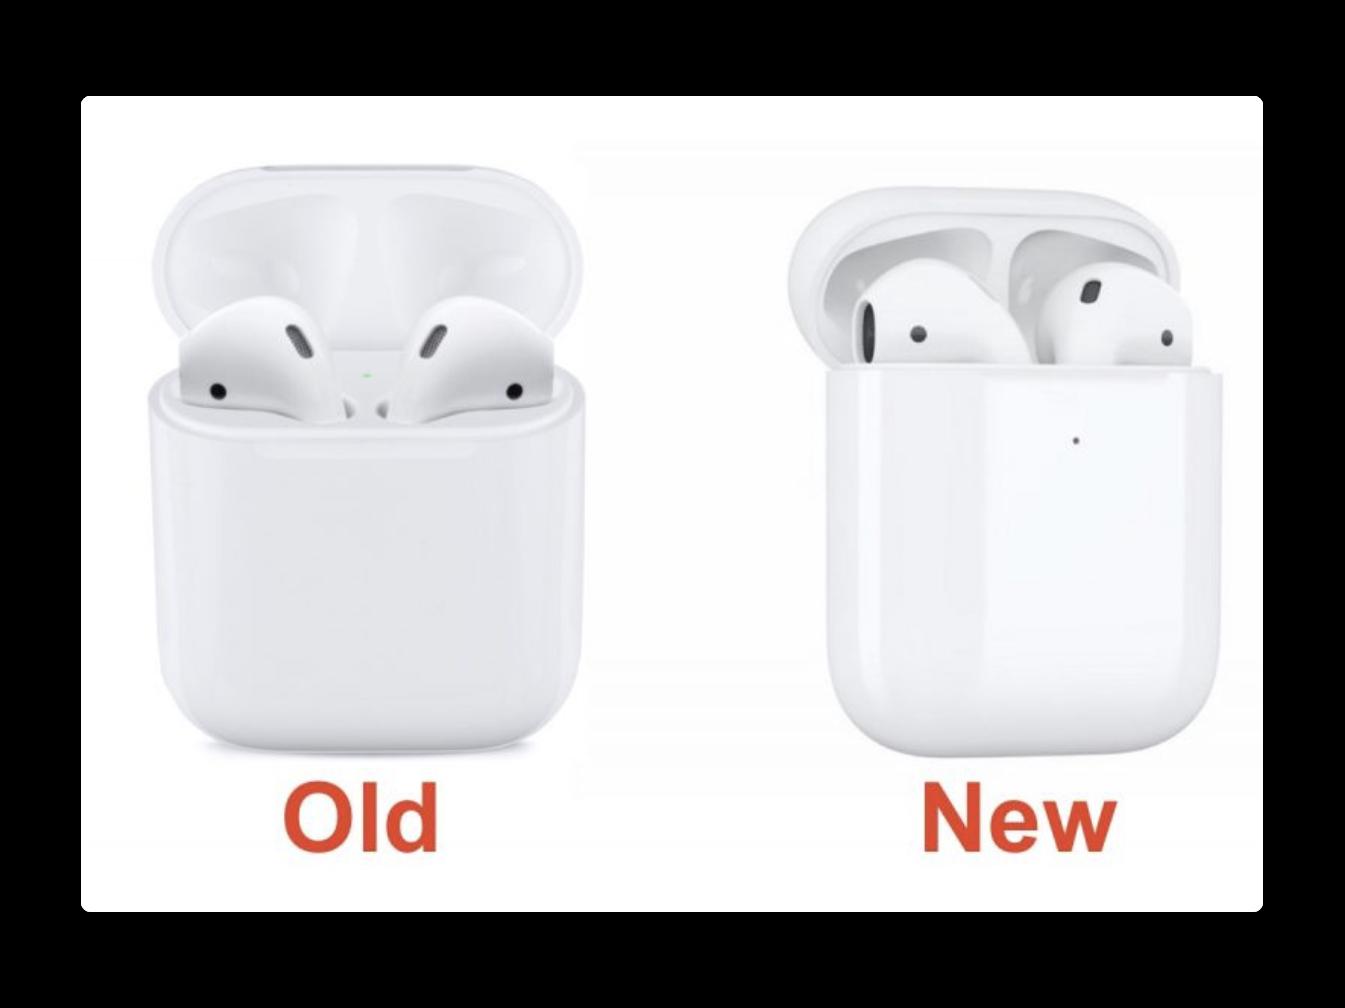 Apple、2019年前半に「ヘルスモニタリング」機能を搭載した次世代AirPodを発売か